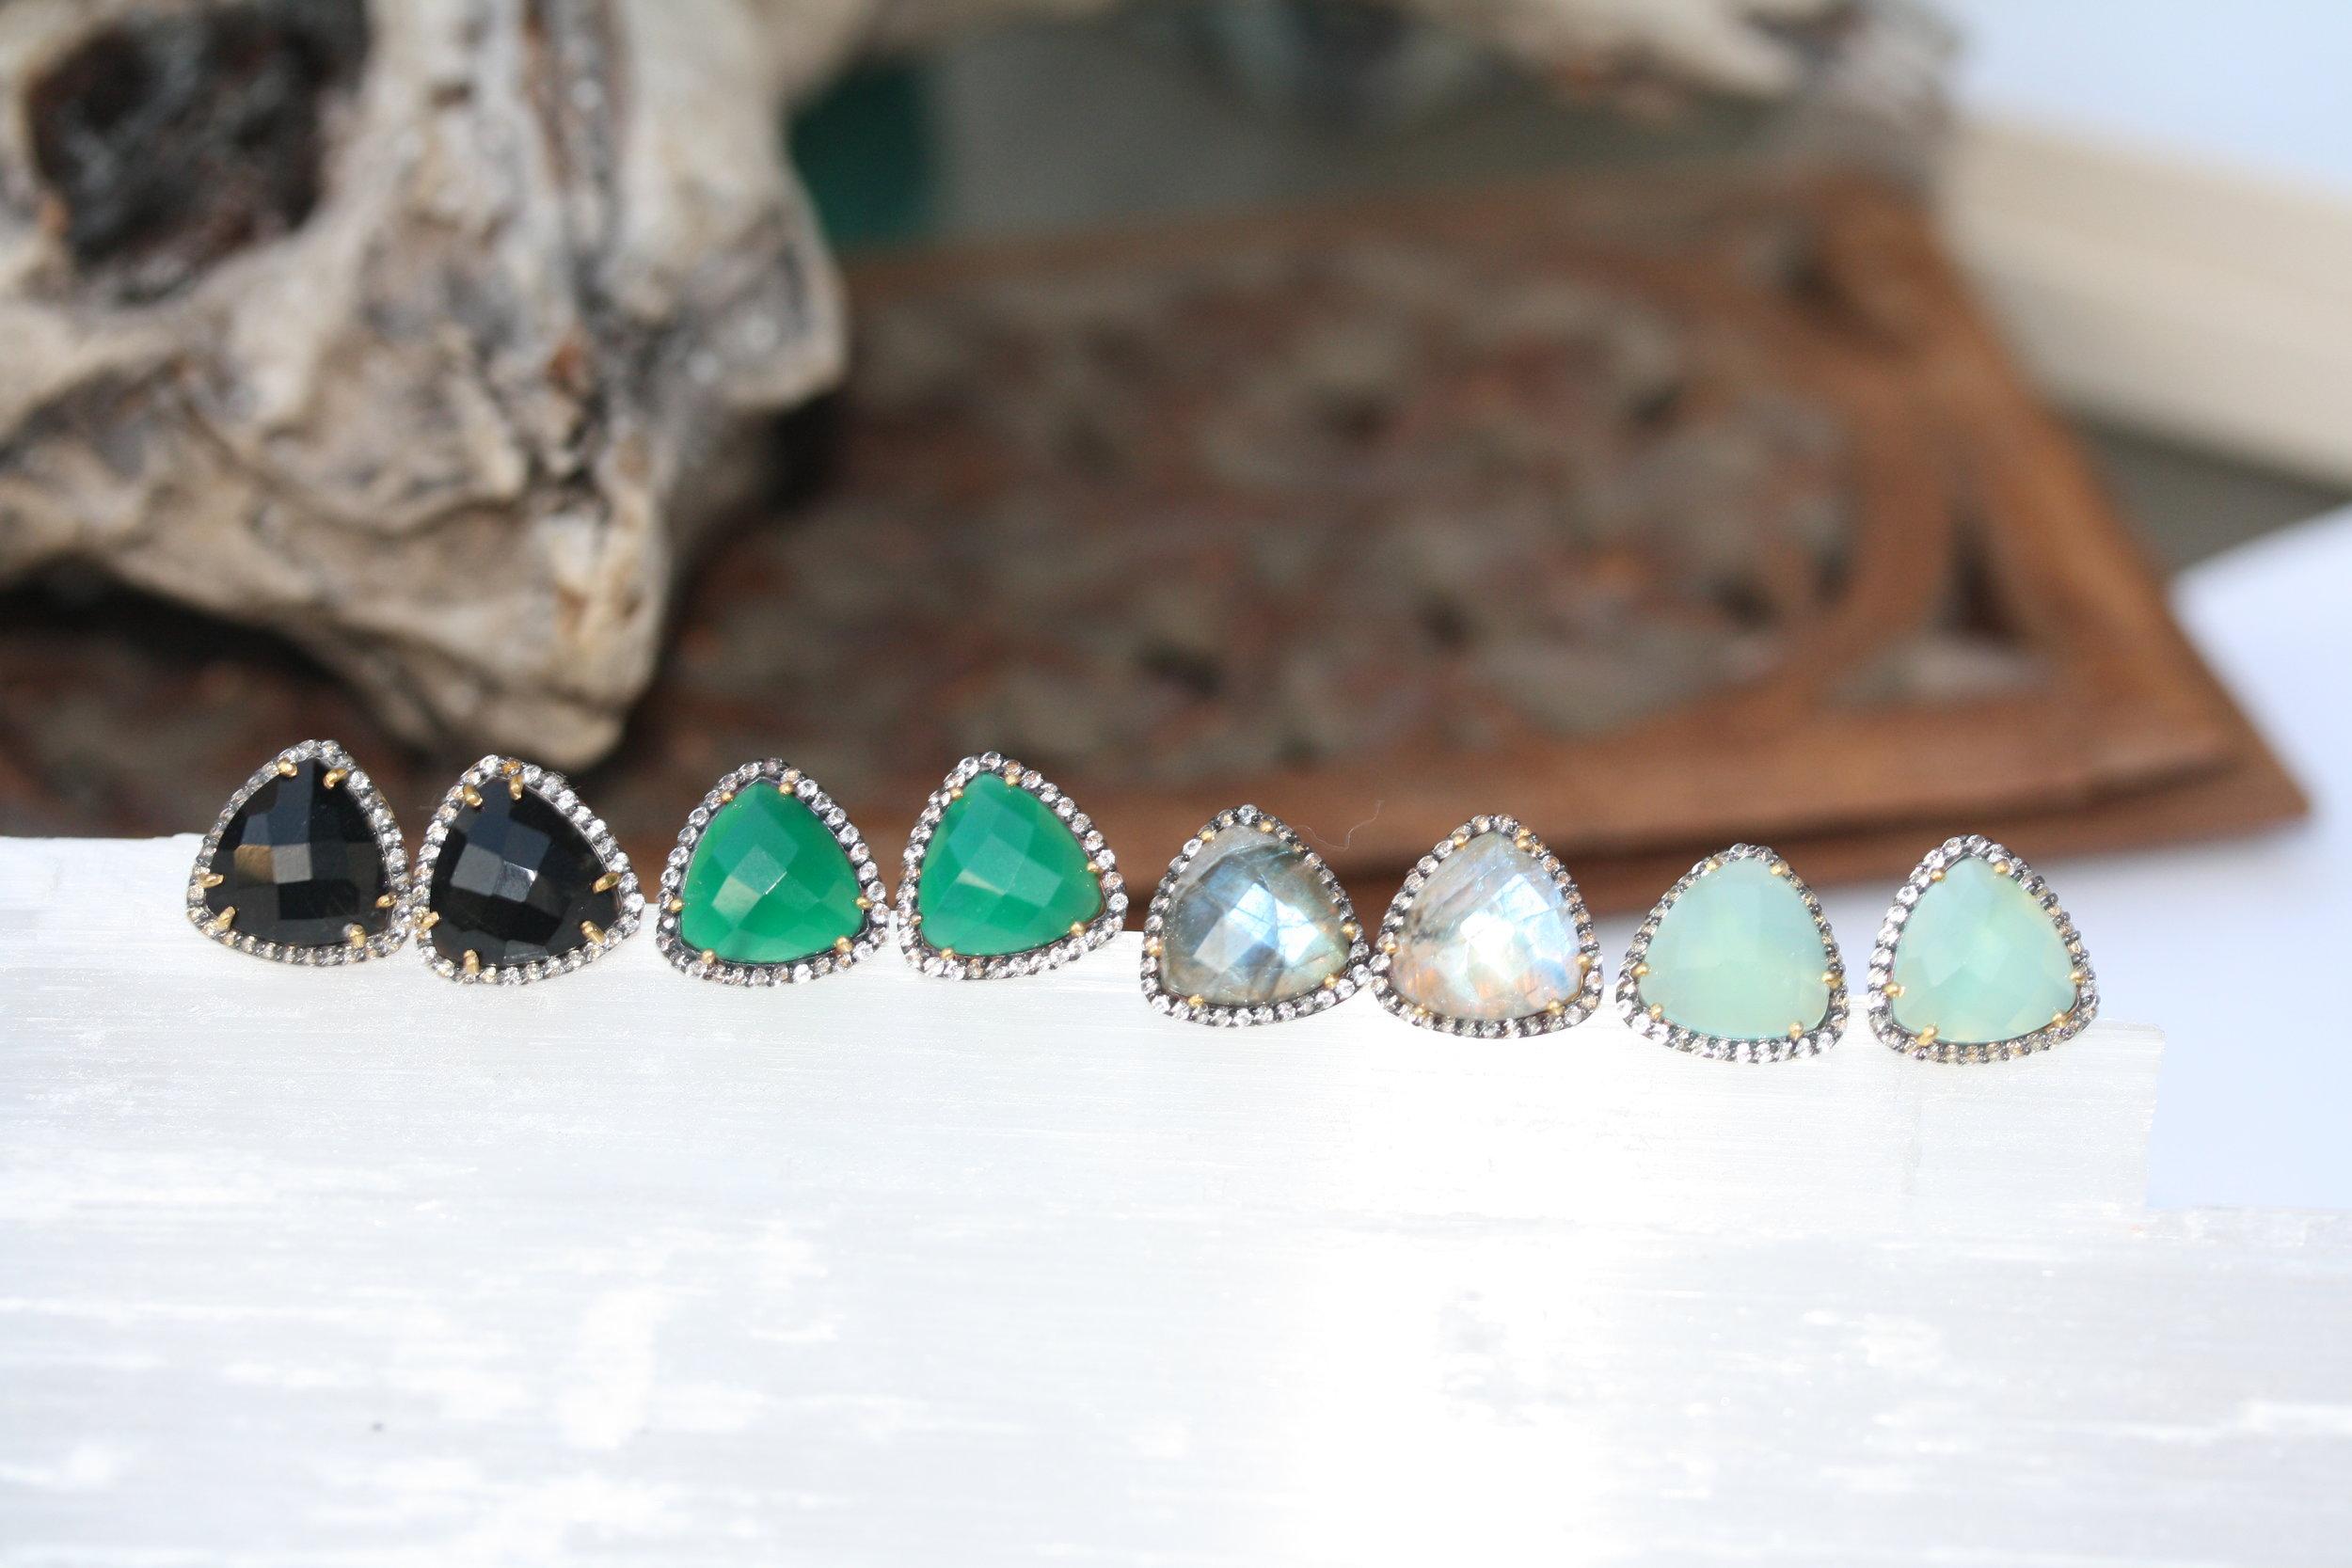 Lucy in the Sky Stud Earrings Multiple Gemstones_01 copy.JPG